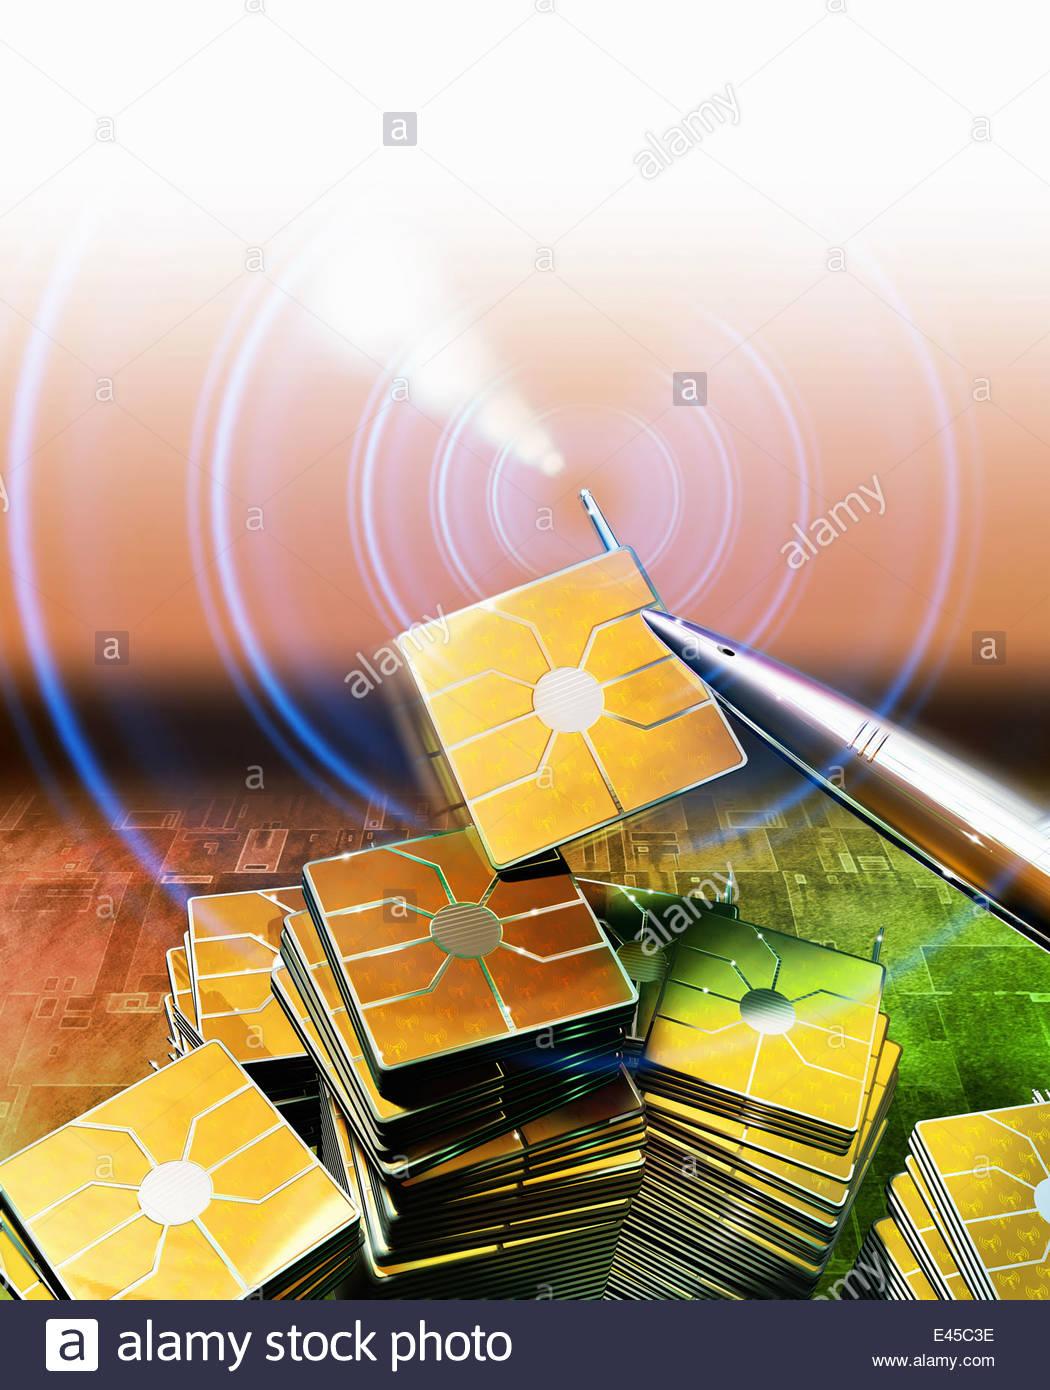 Pinzette anheben Computerchip mit WiFi-Signal vom Stapel Stockbild